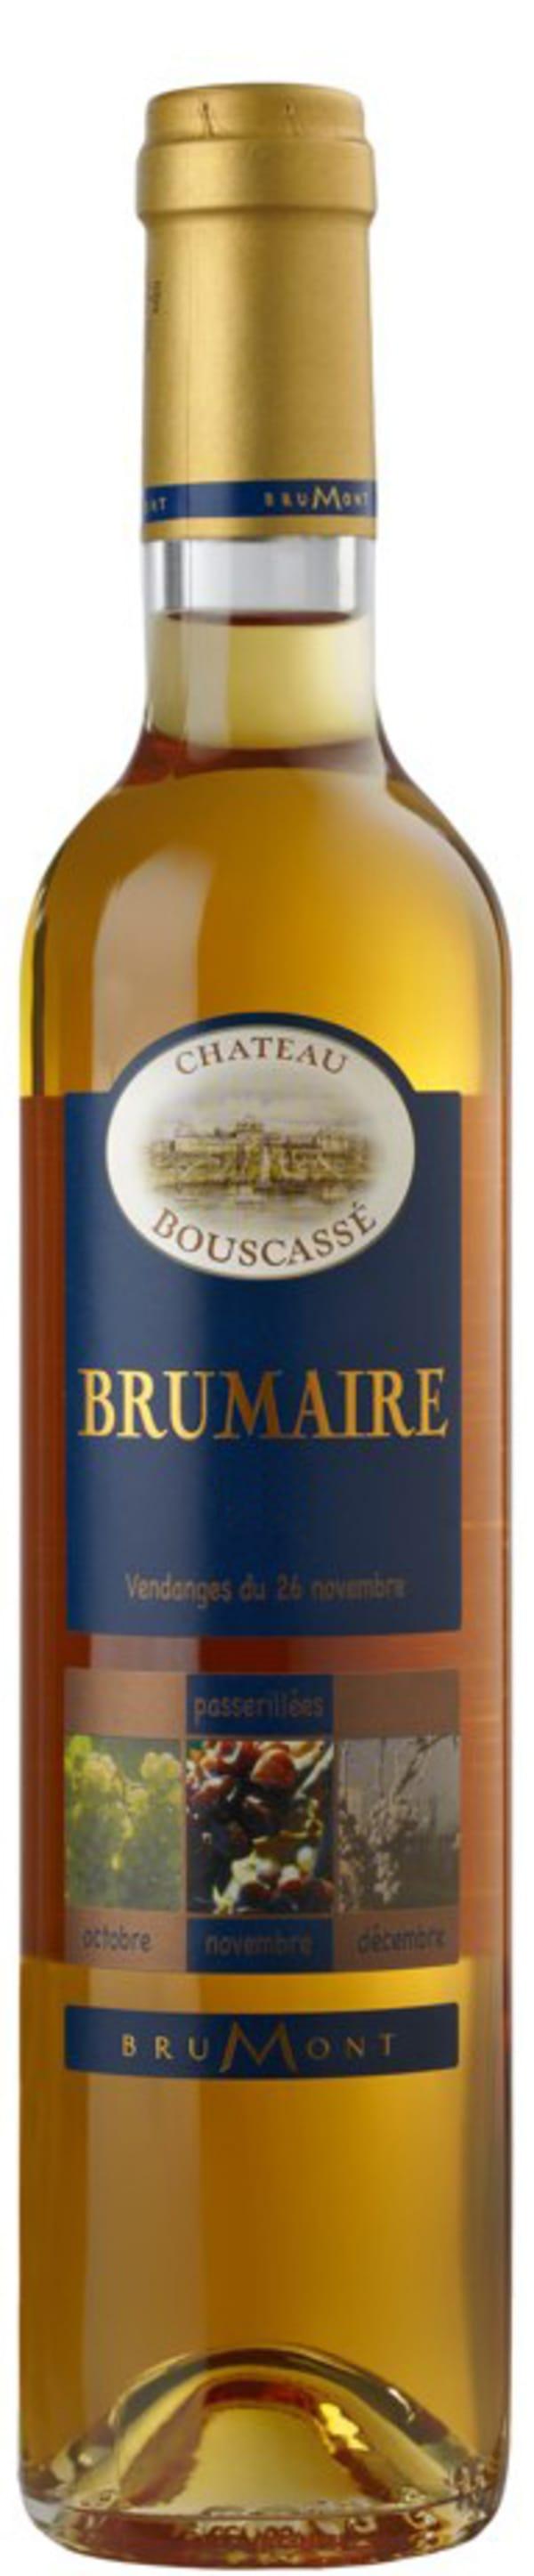 Brumont Château Bouscassé Brumaire 2011